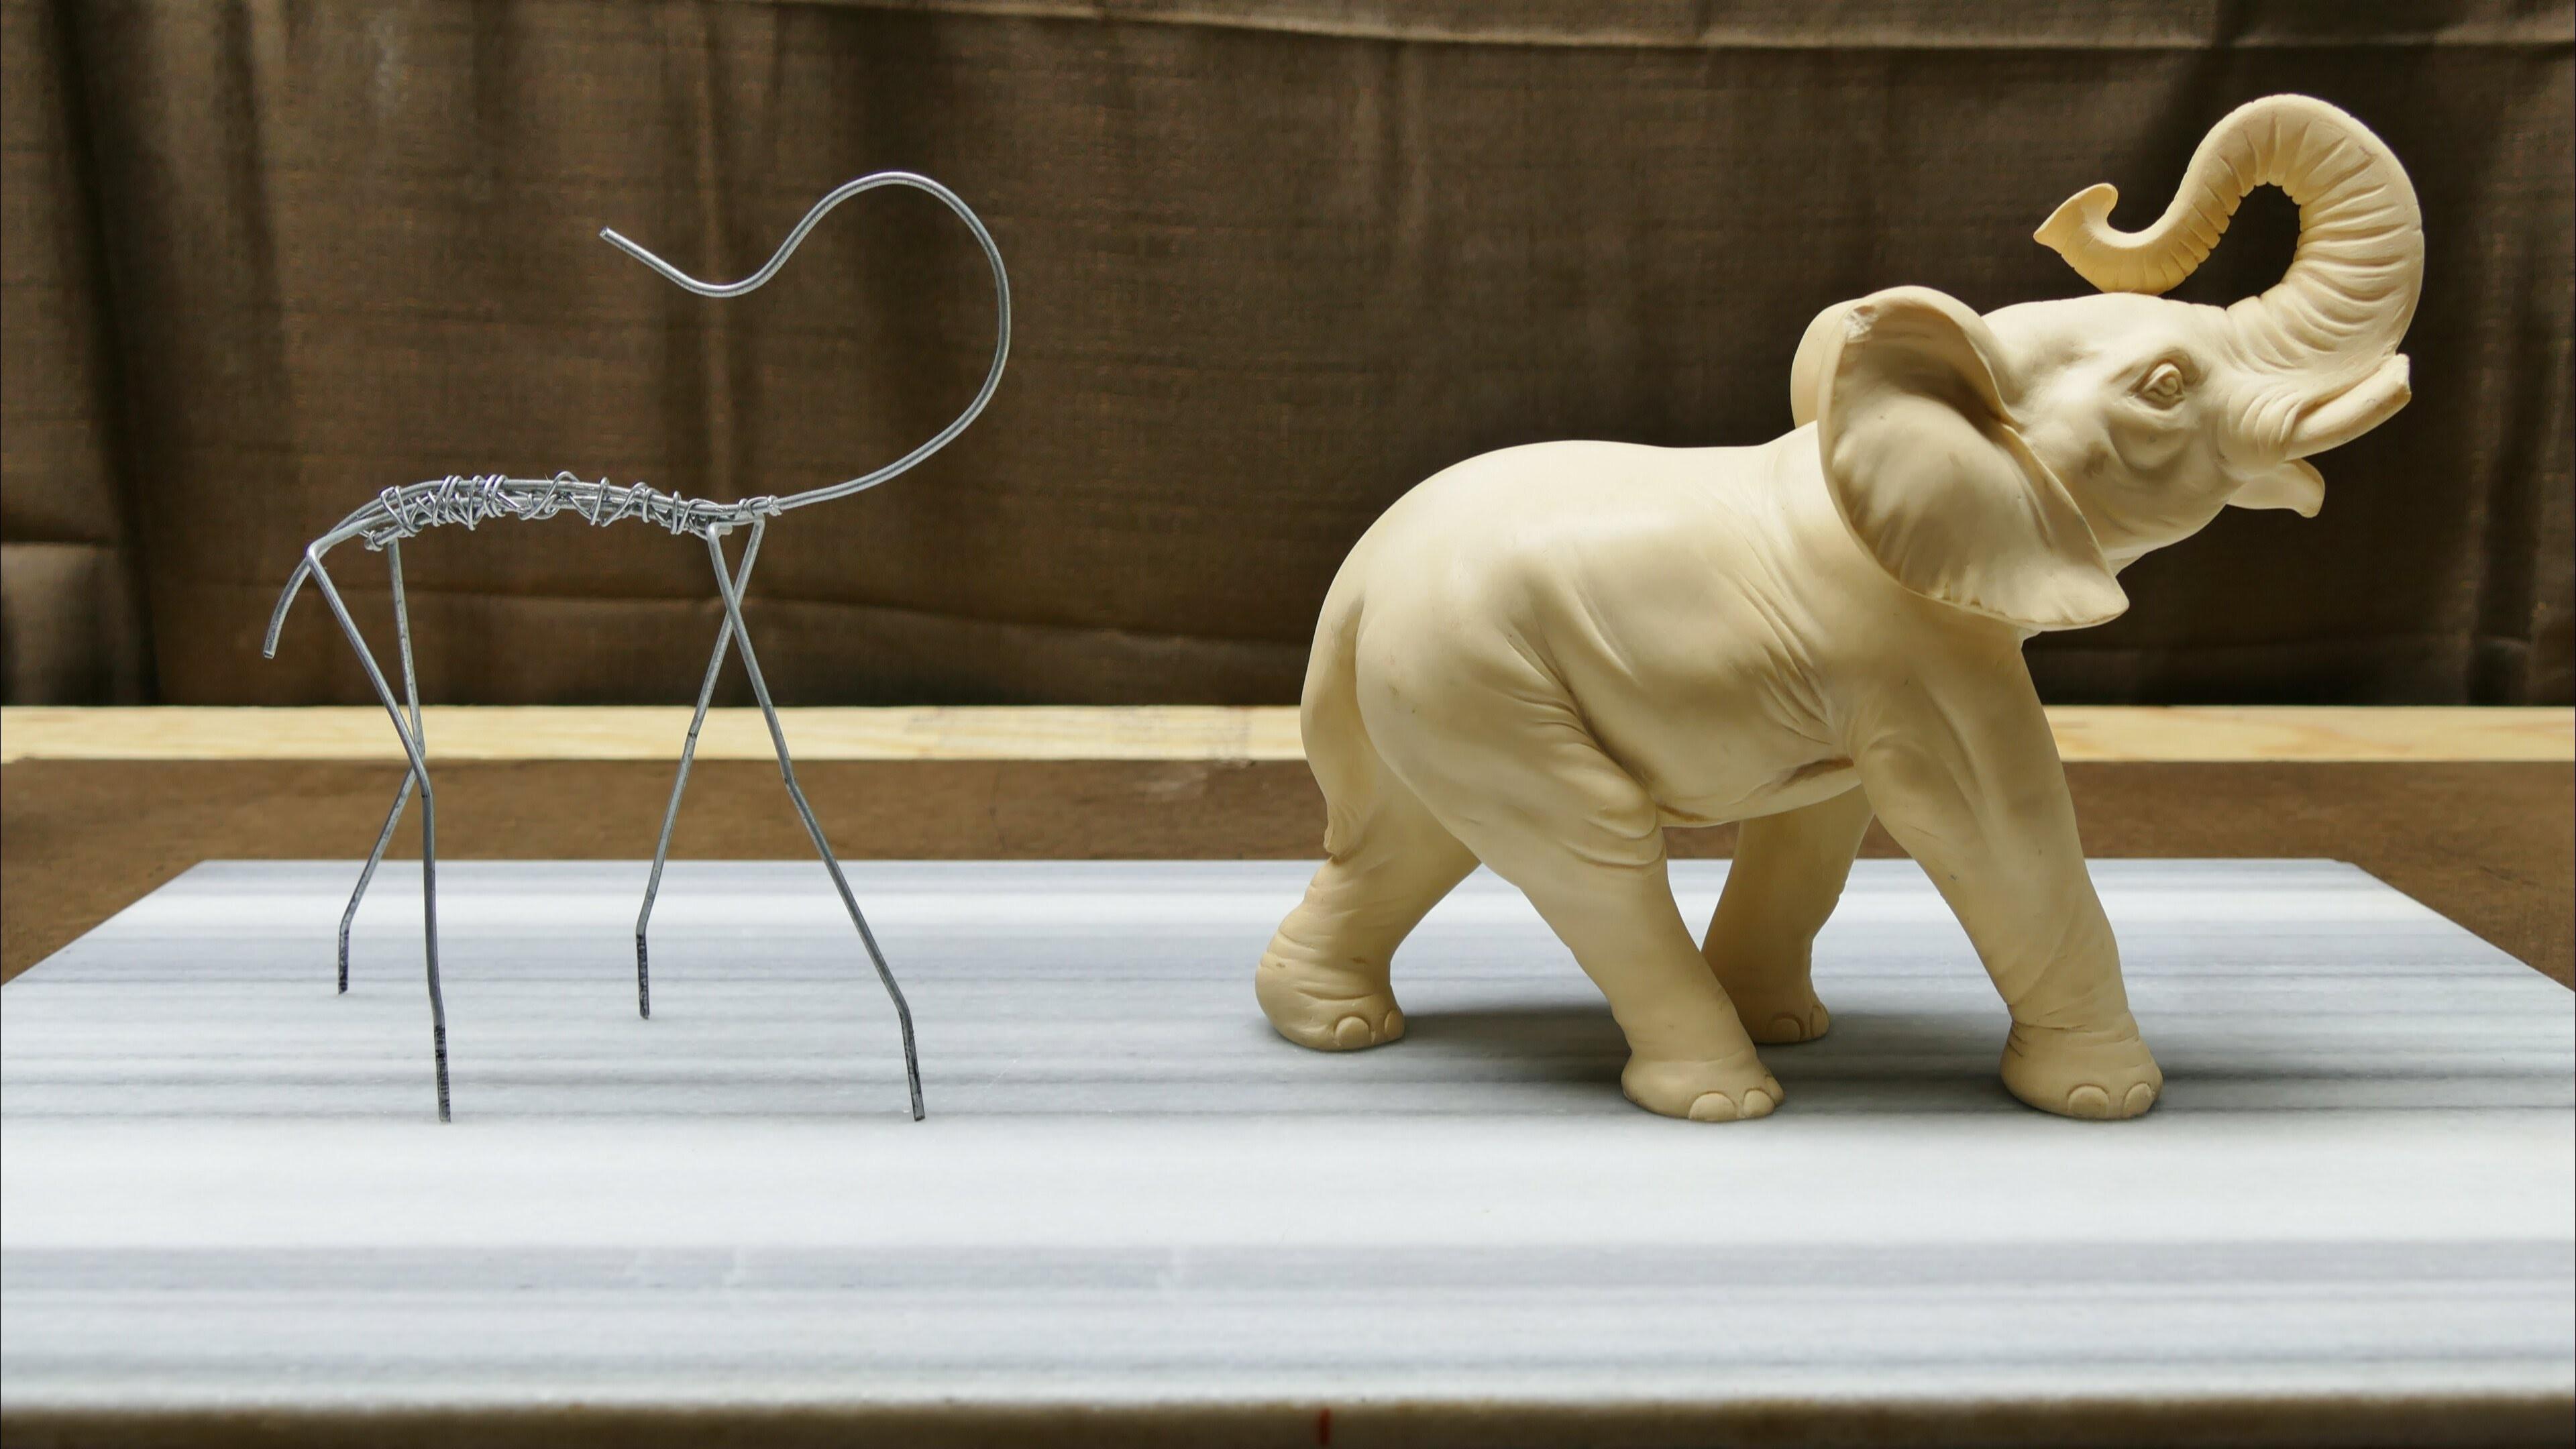 Sculpting an Elephant, part 1: Armature!